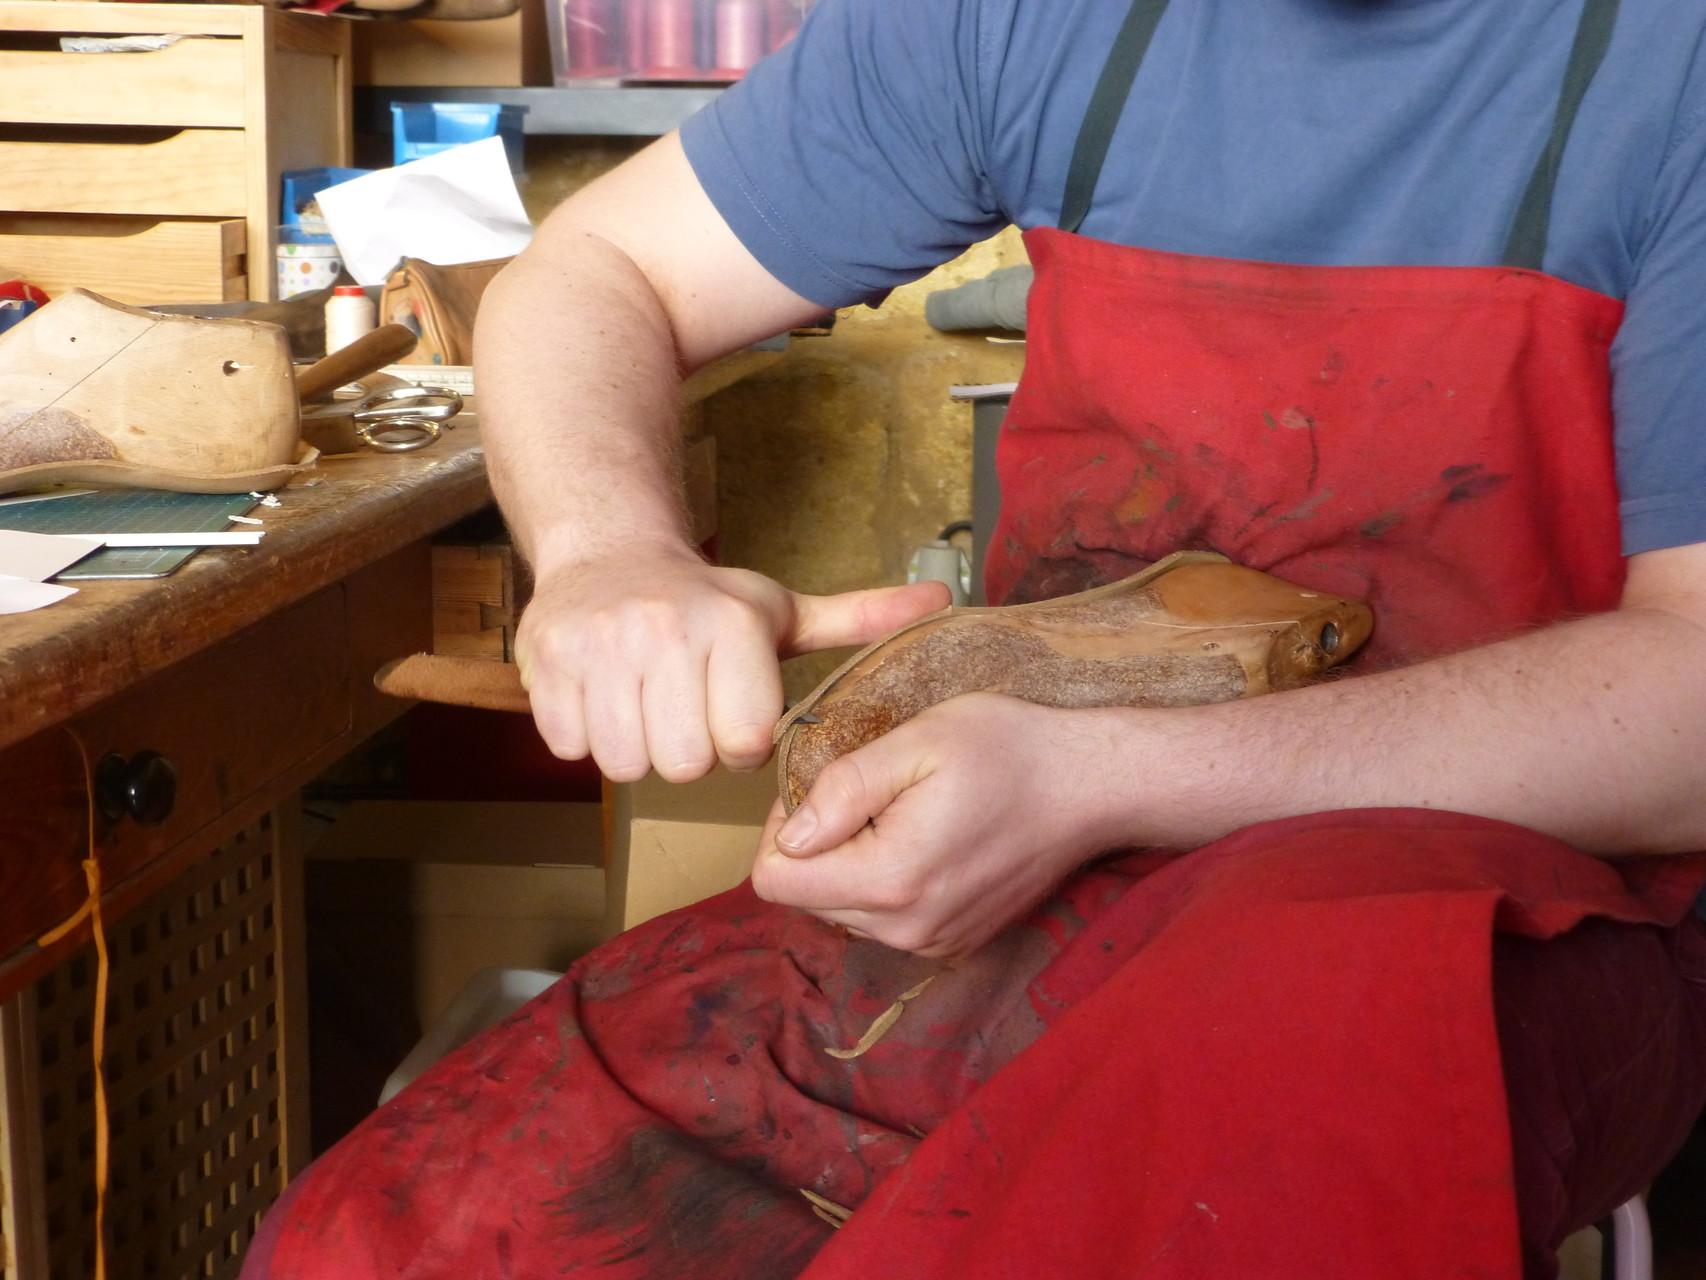 Il sculpte une forme, réplique en bois du pied du client